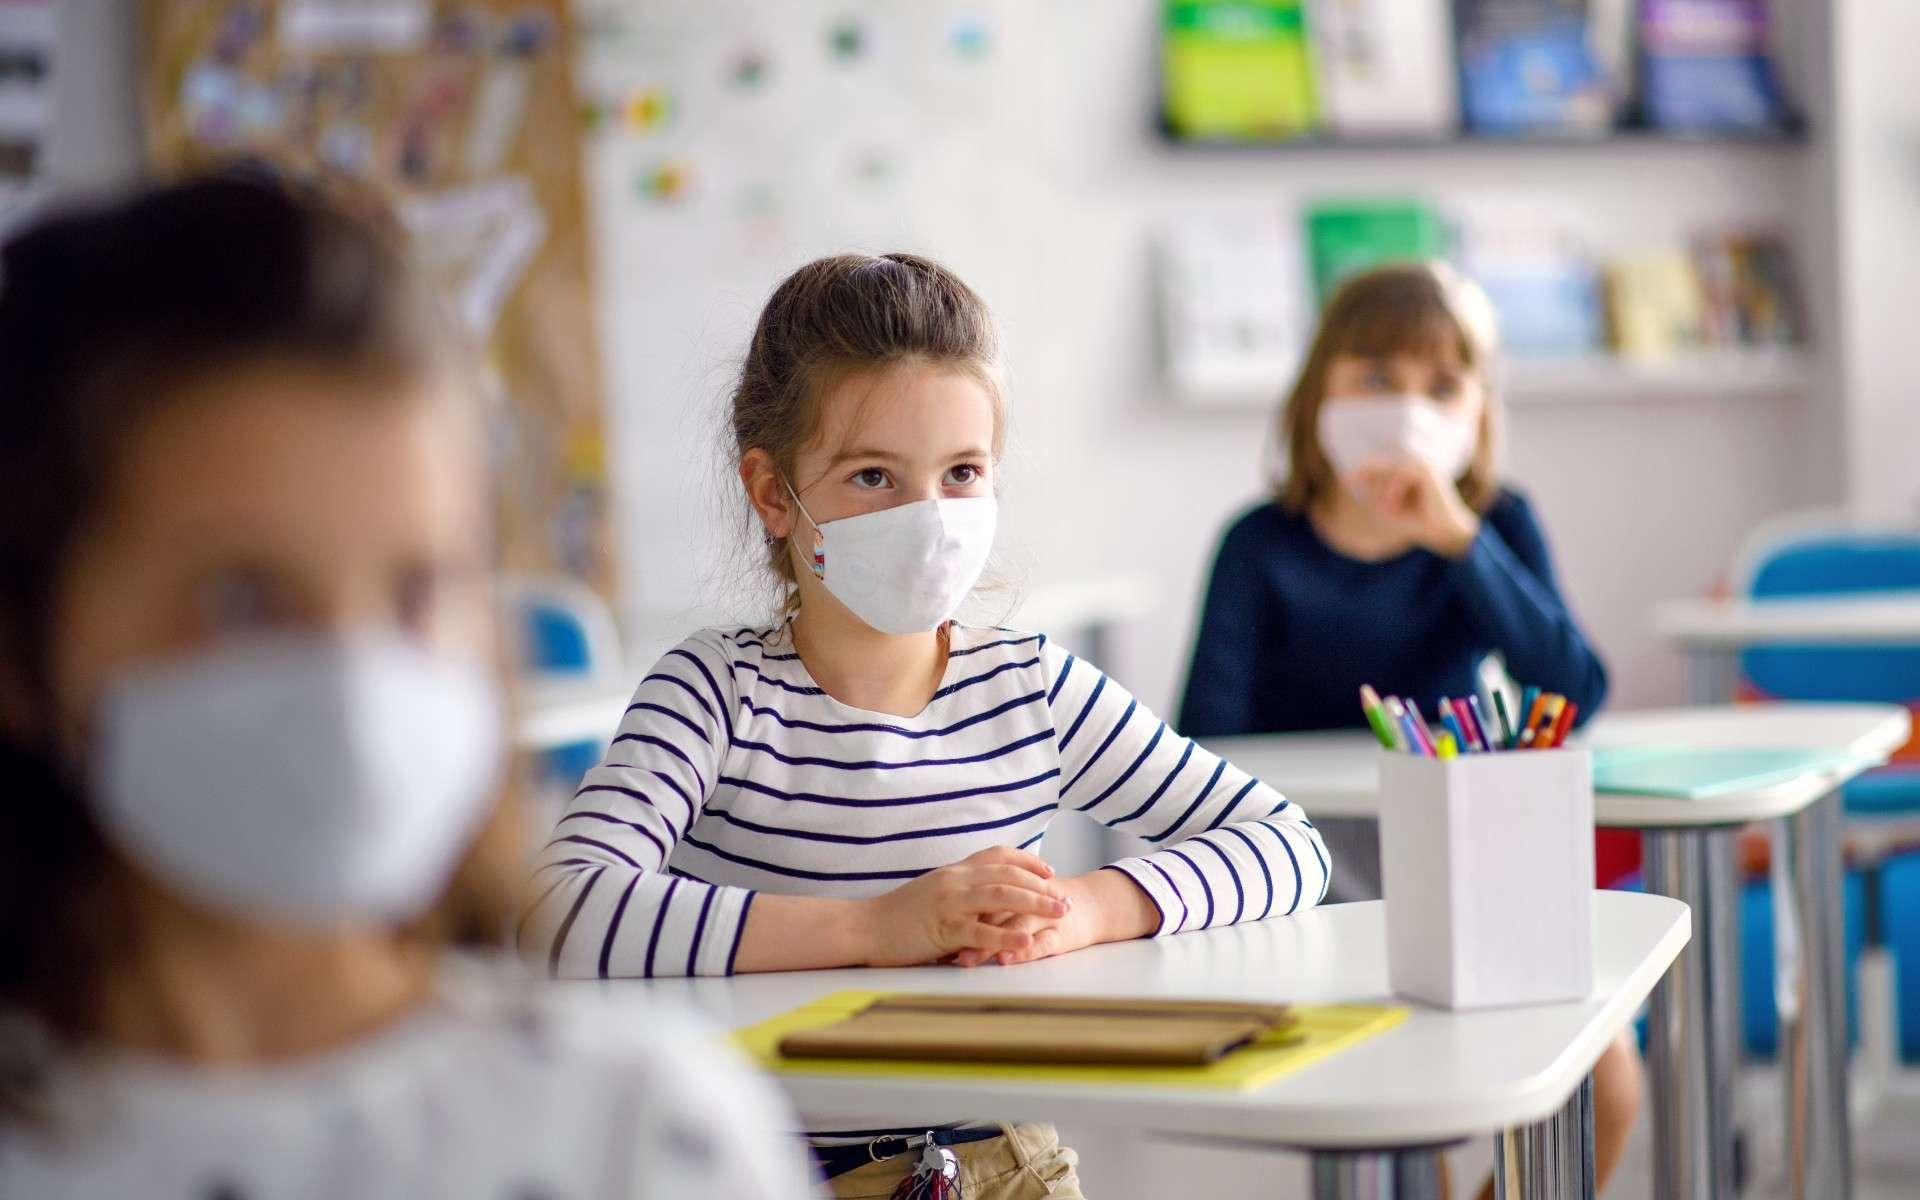 Les tests de dépistage salivaire sont mis en place dans les écoles depuis le 22 février. Le but ? Surveiller la circulation du virus. © Halfpoint, Adobe Stock